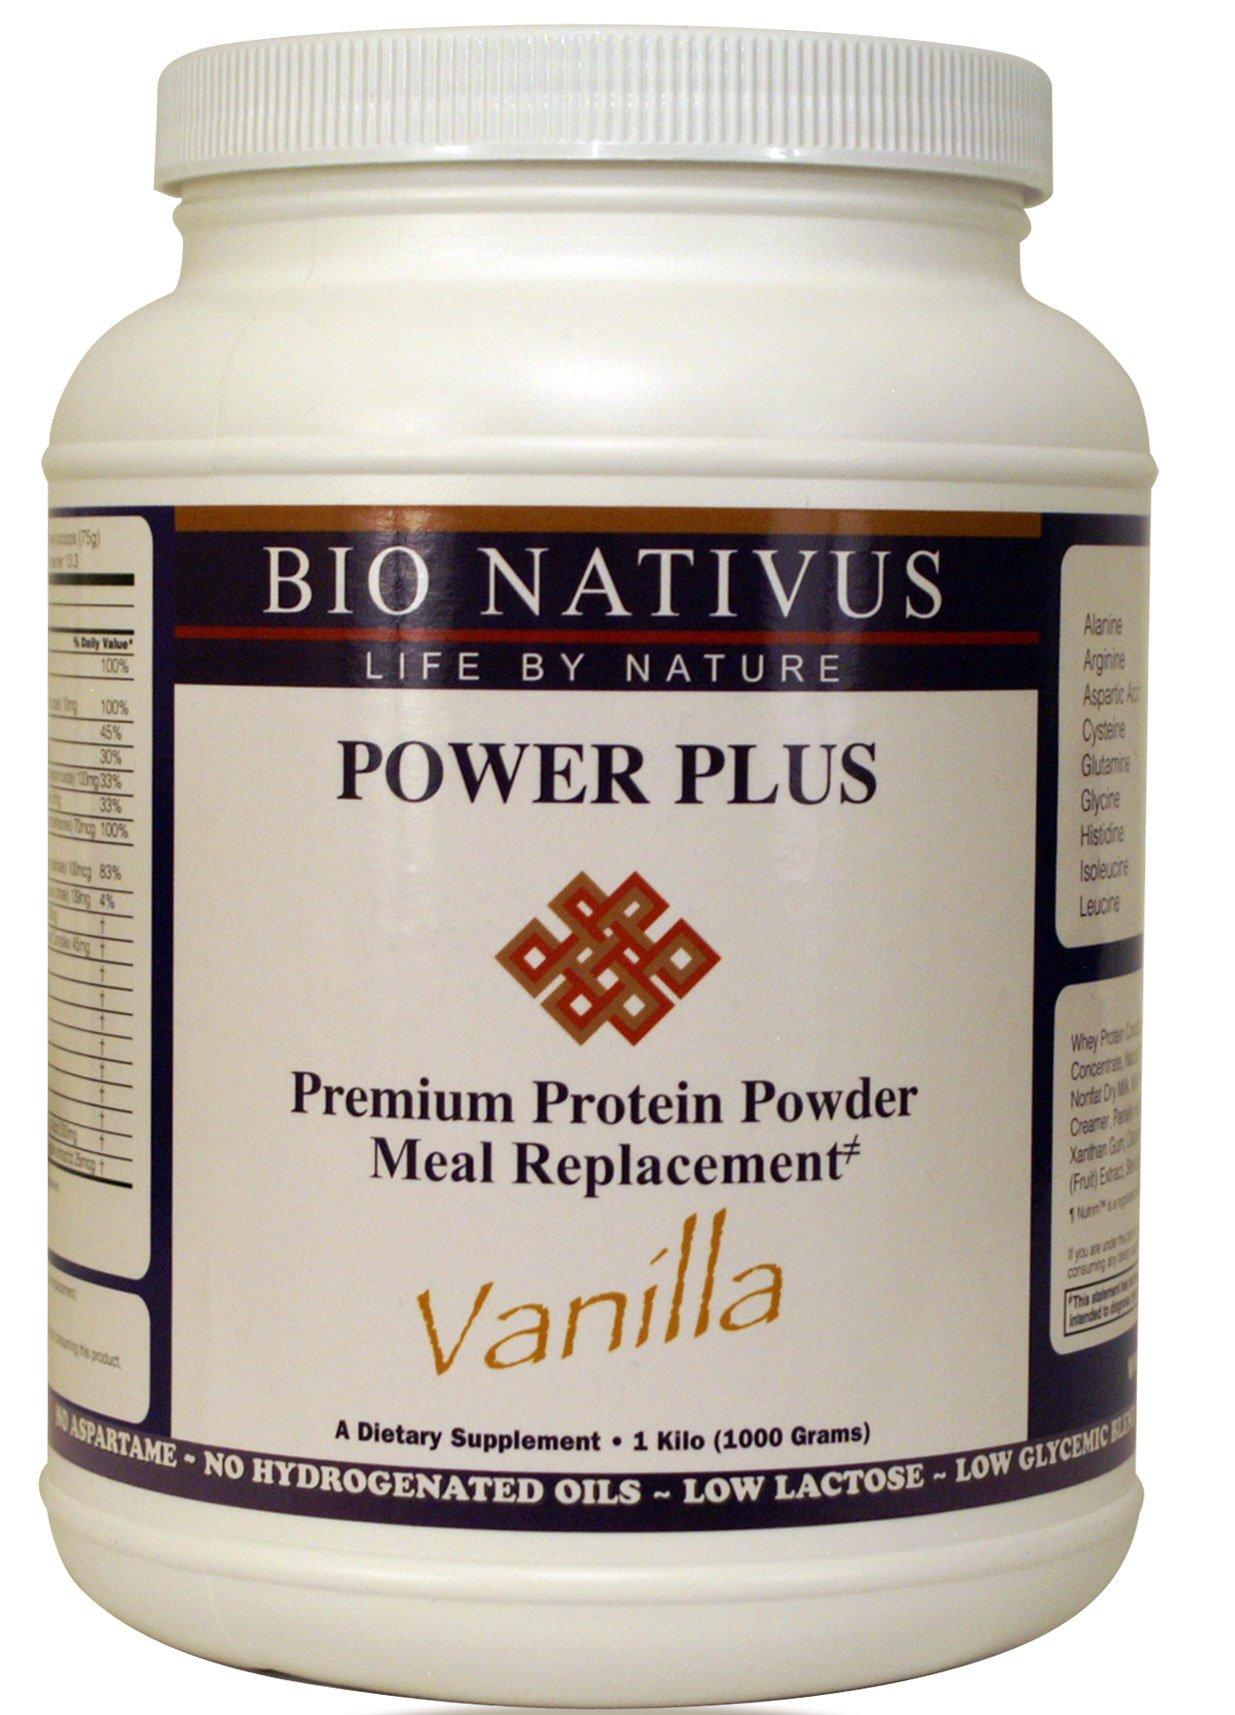 Bio Nativus Power Plus Premium Protein Meal Replacement Vanilla